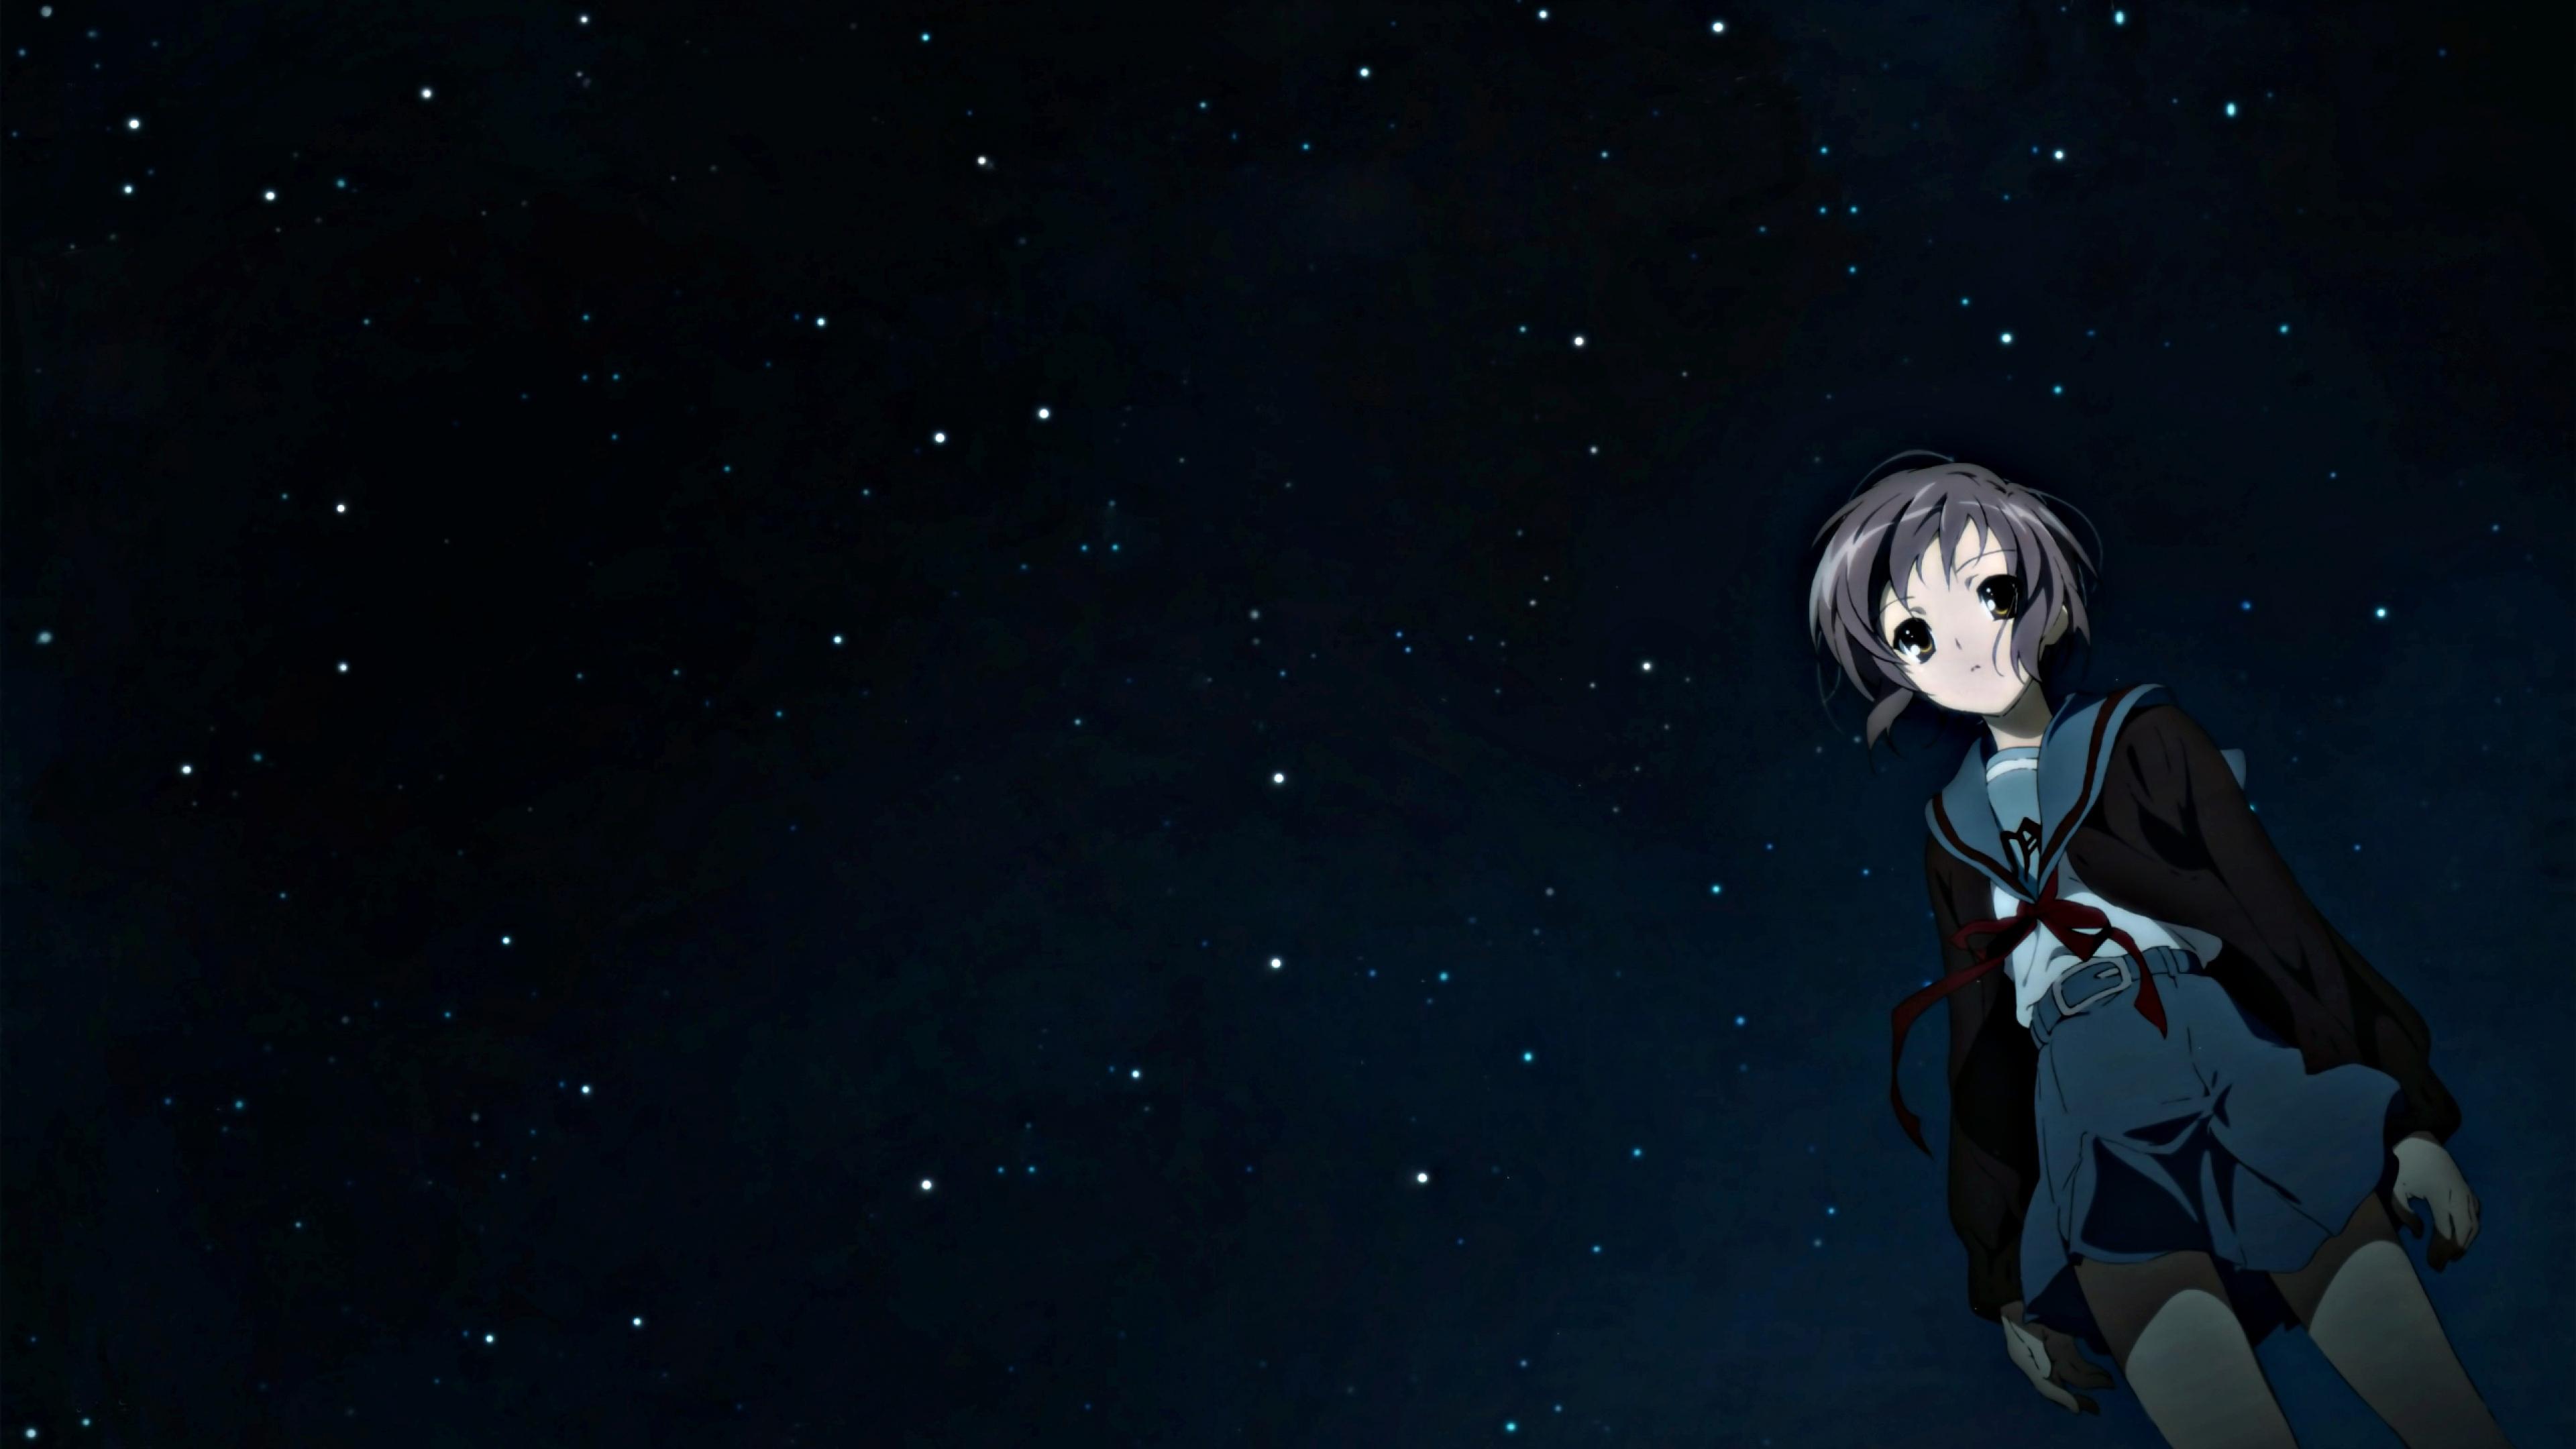 88 Anime Sky Wallpapers On Wallpapersafari